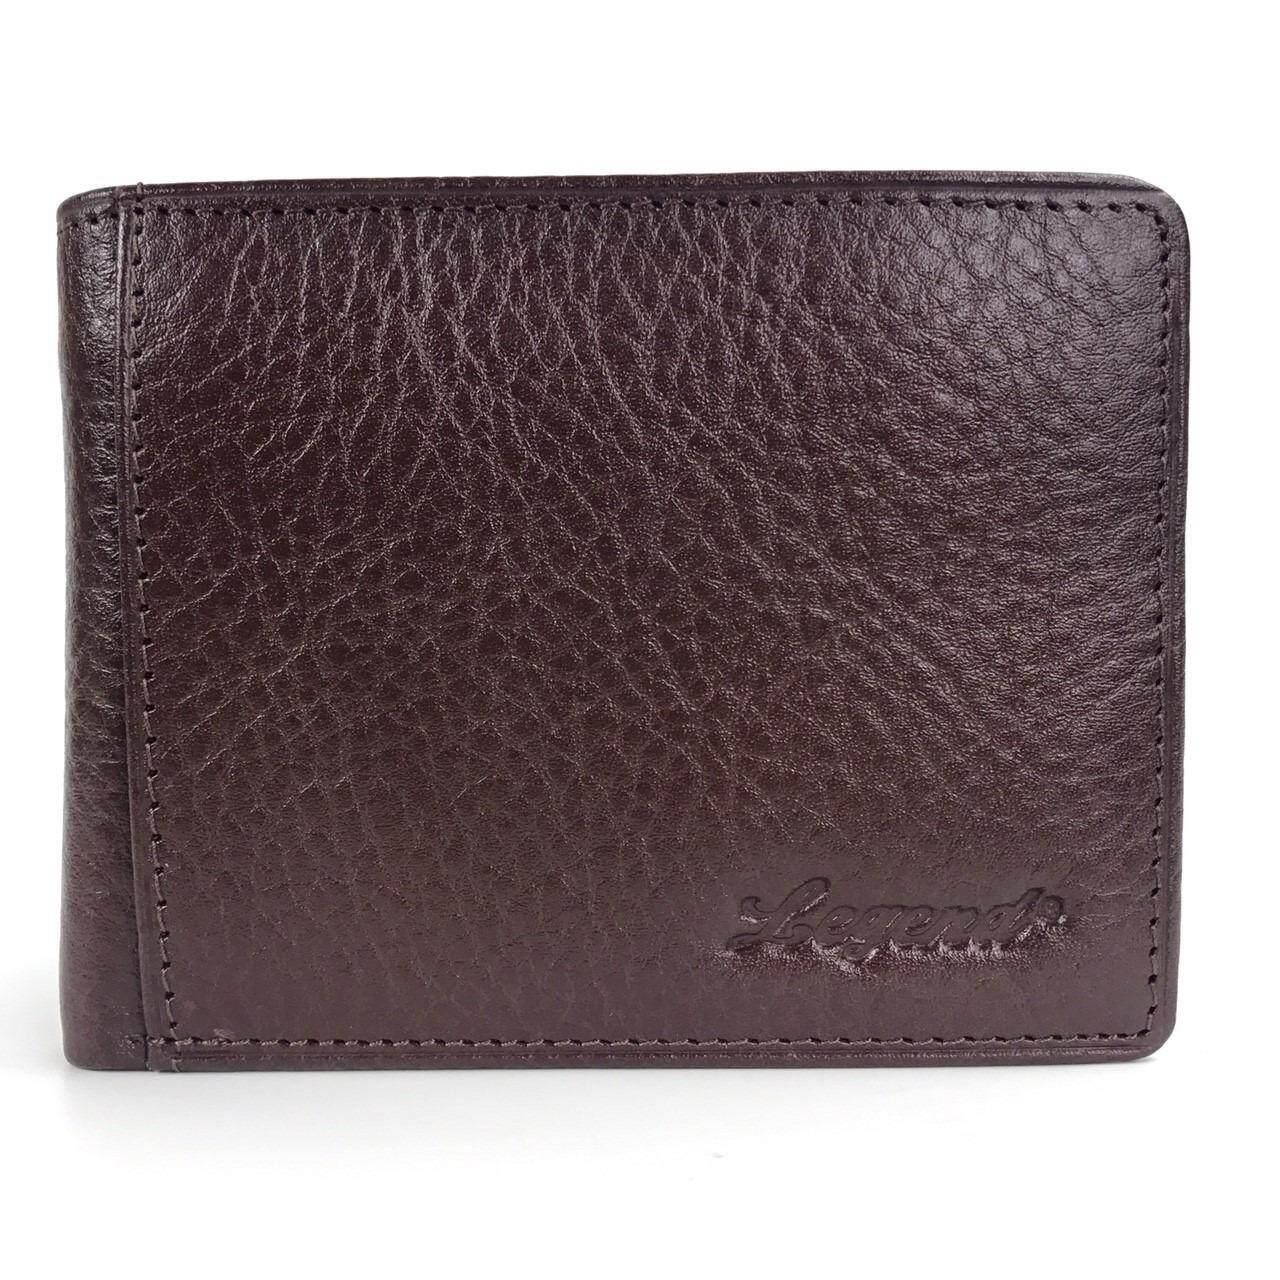 ราคา Chinatown Leather กระเป๋าหนังวัวแท้ ใบเล็ก สีน้ำตาล ราคาถูกที่สุด